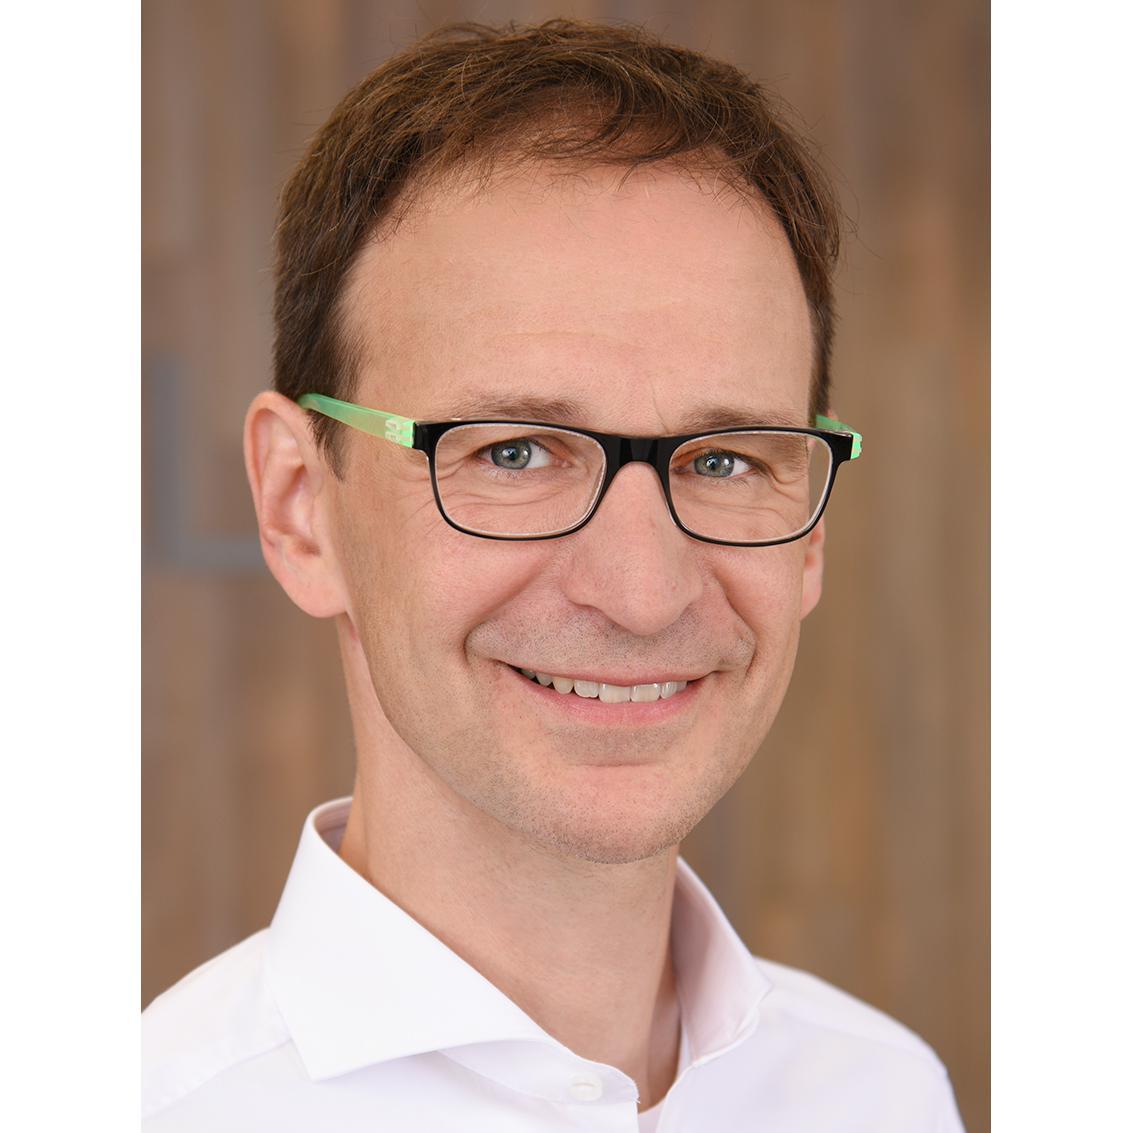 Bild zu Dr. med. Günther Riedel Facharzt für Plastische und Ästhetische Chirurgie Zusatzbezeichnung Handchirurgie in Wiesbaden